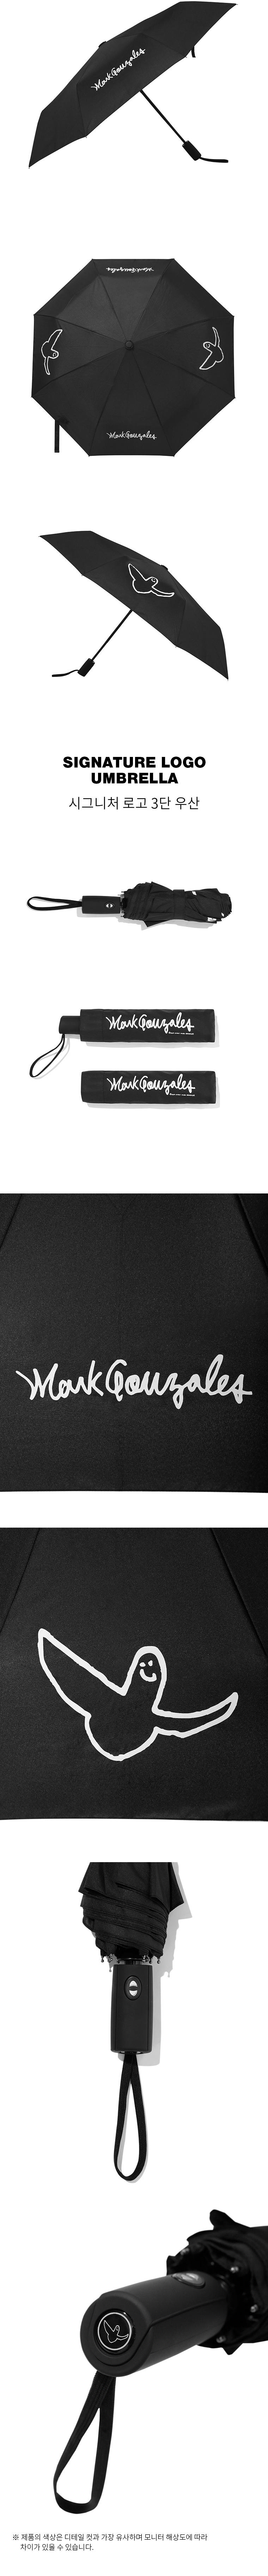 마크 곤잘레스(MARK GONZALES) 시그니처 로고 3단 우산 블랙